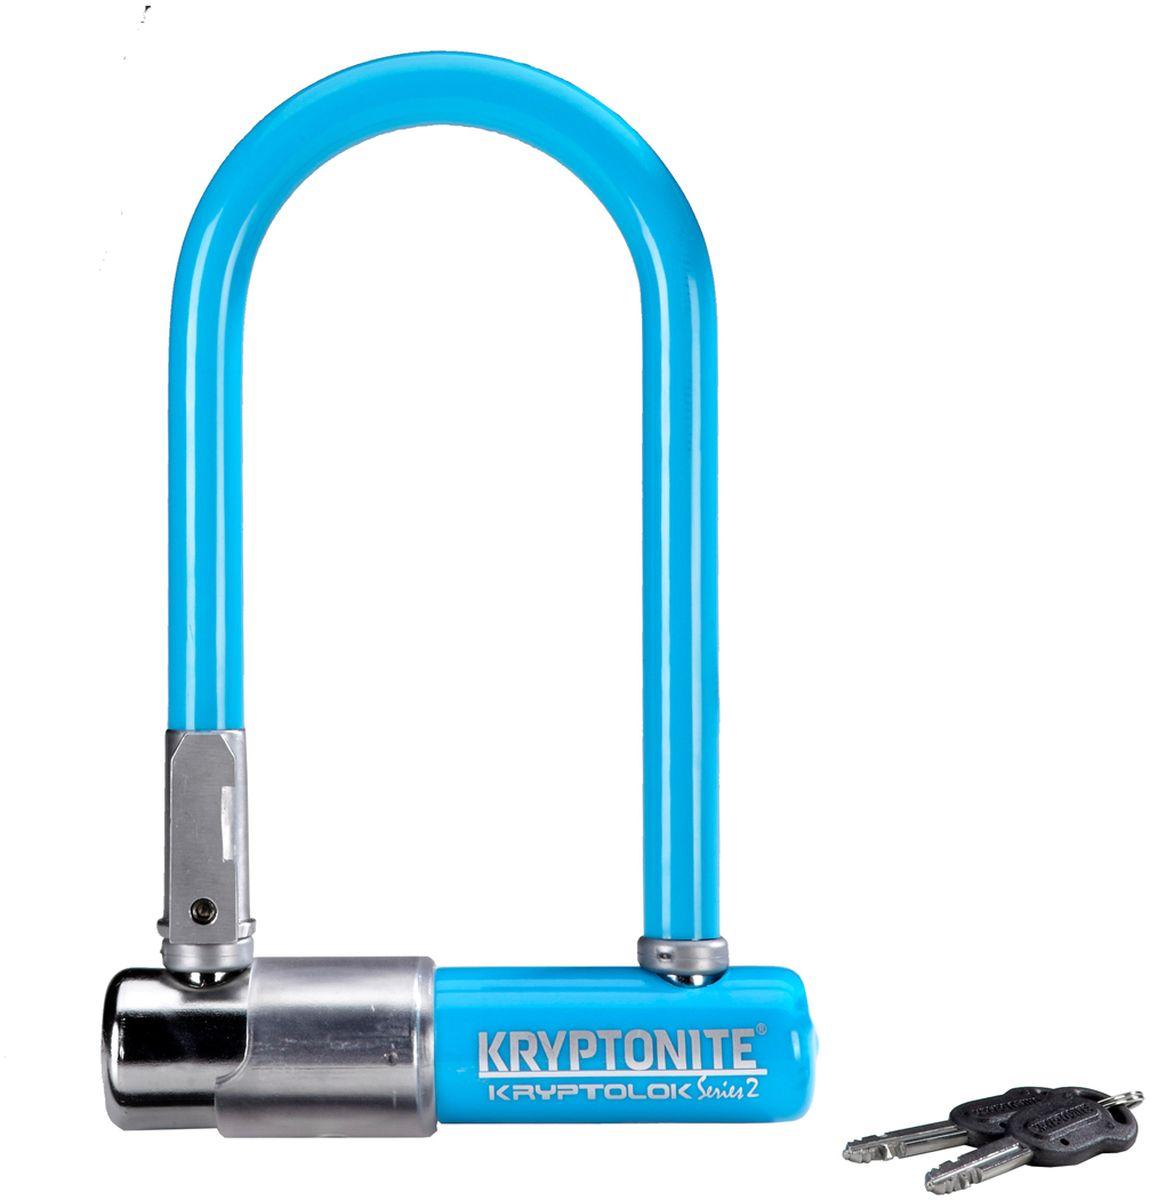 Замок велосипедный Kryptonite U-locks KryptoLok Series 2 Mini-7, U-образный, цвет: синий, 8,2 х 17 смMW-1462-01-SR серебристыйВелозамок Kryptonite Kryptolok series 2 Mini-7 имеет компактный размер, надёжность и яркую цветовую гамму.Уникальный набор ключей, 13-ти миллиметровая дужка и двойная конструкция засова гарантированно не поддадутся кусачкам и взлому. Благодаря своим габаритам, u-lock легко возить с собой в сумке или за ремнем.Характеристика:- 13 мм закаленная стальная скоба;- Система Transit Flex Frame-U для крепления к раме байка;- Виниловое покрытие, не оставляющее царапин на раме;- Защита от стука и шума;- Защита от пыли и влаги;- В комплекте - 2 ключа;- Уровень защиты 6 из 10.Диаметр дуги замка: 13 мм.Размеры замка: 8,2 х 17 см.Вес модели: 1,11 кг.